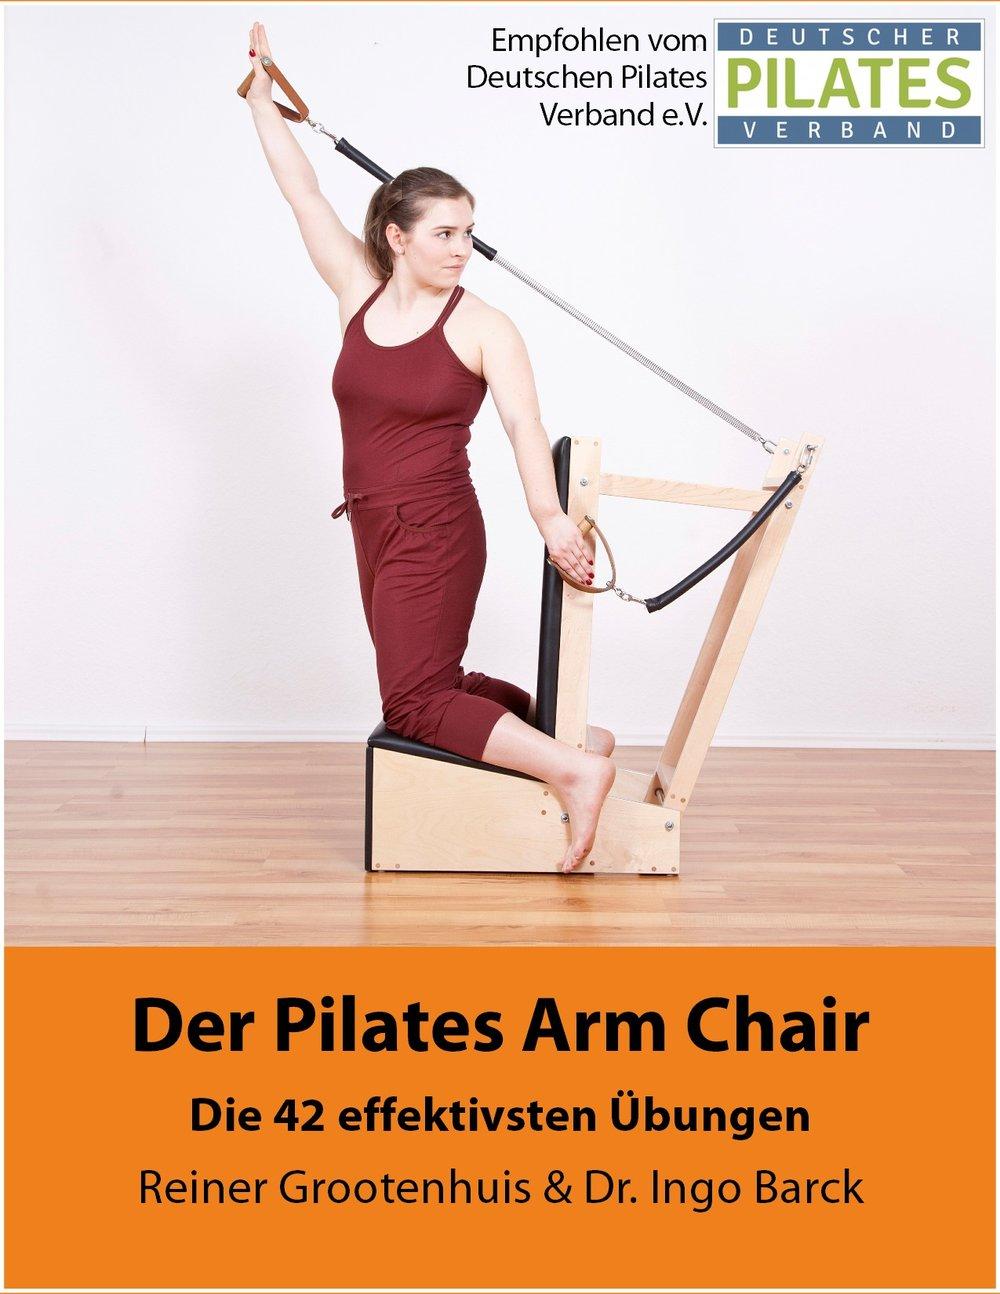 Der Pilates Arm Chair / Erschienen im Juli 2016 auf Deutsch und im September 2016 auf Englisch 4 Rezensionen mit 5 Sternen amazon.de (deutsche Version). 11 Rezensionen mit 5 Sternen amazon.com (englische Version). Hier ist das  Pilates Arm Chair Manual bei amazon erhältlich .